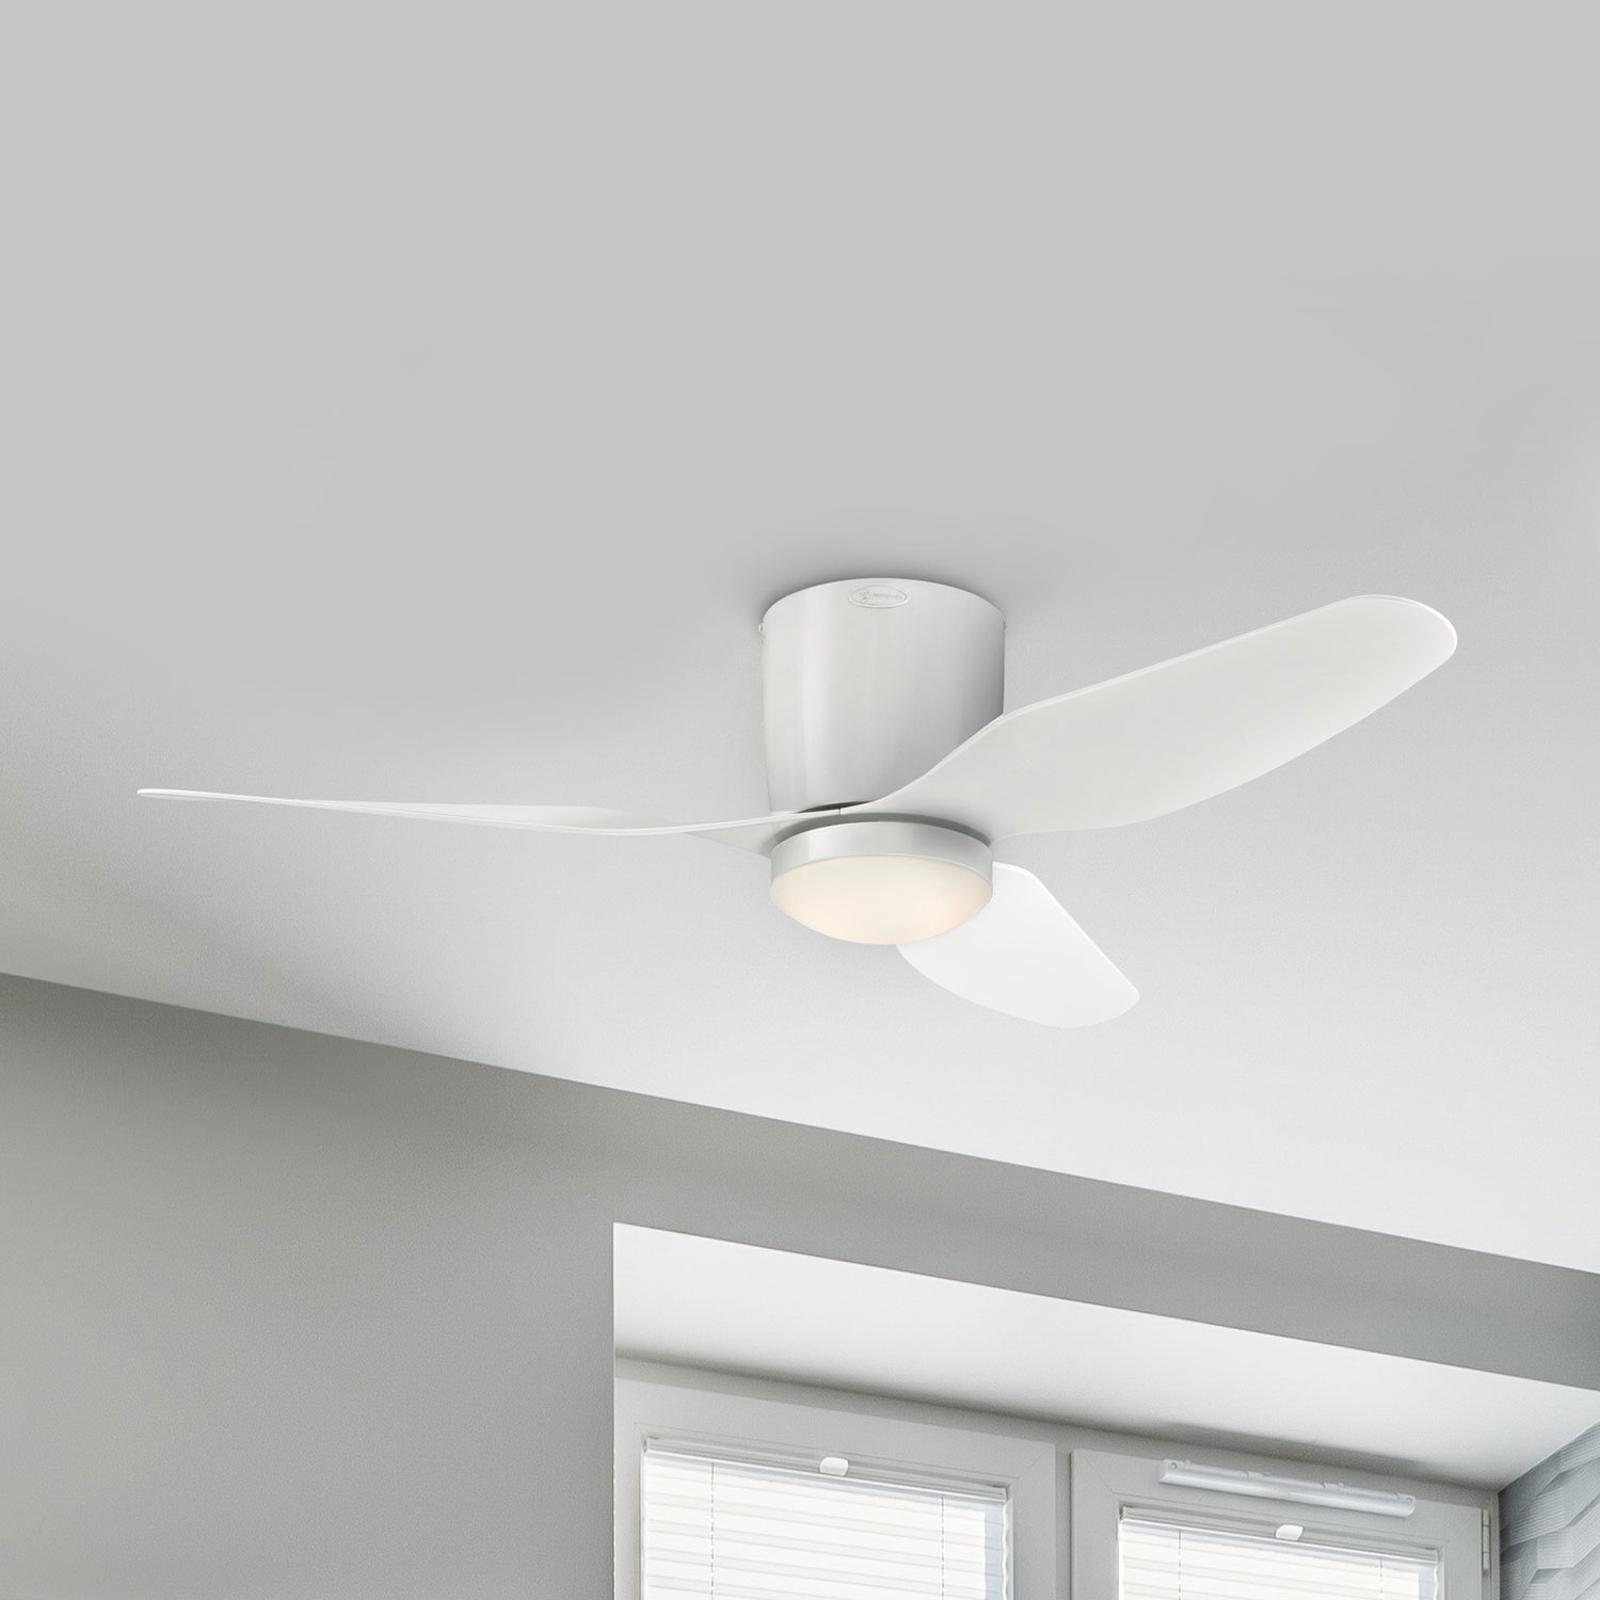 Westinghouse Carla Deckenventilator mit LED, weiß